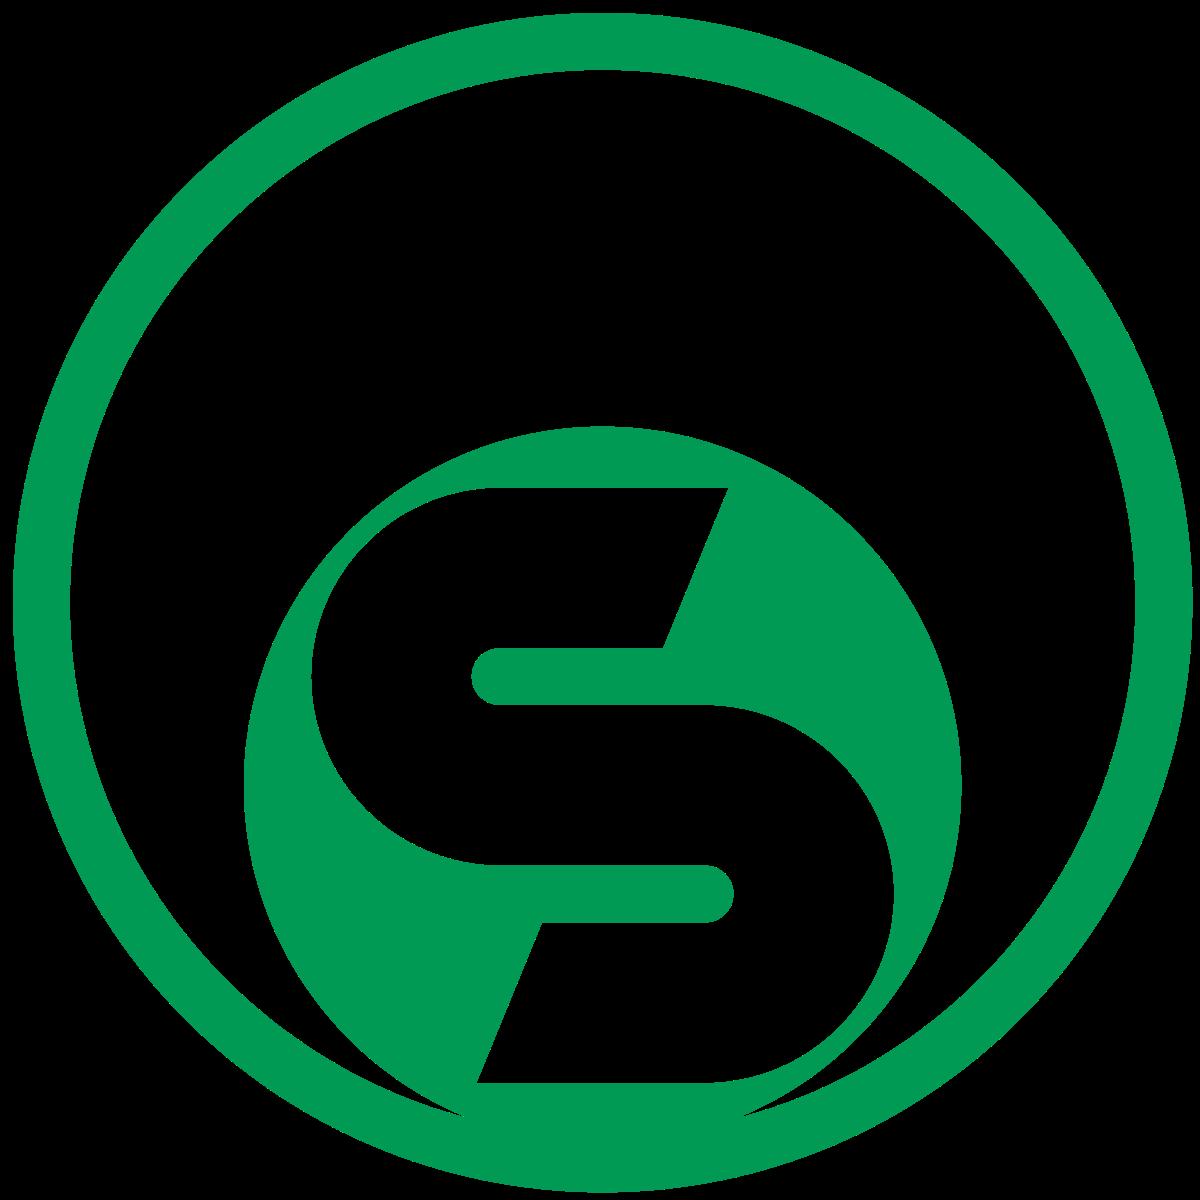 Représentation de la formation : Maintien et Actualisation des Compétences SST (MAC SST)